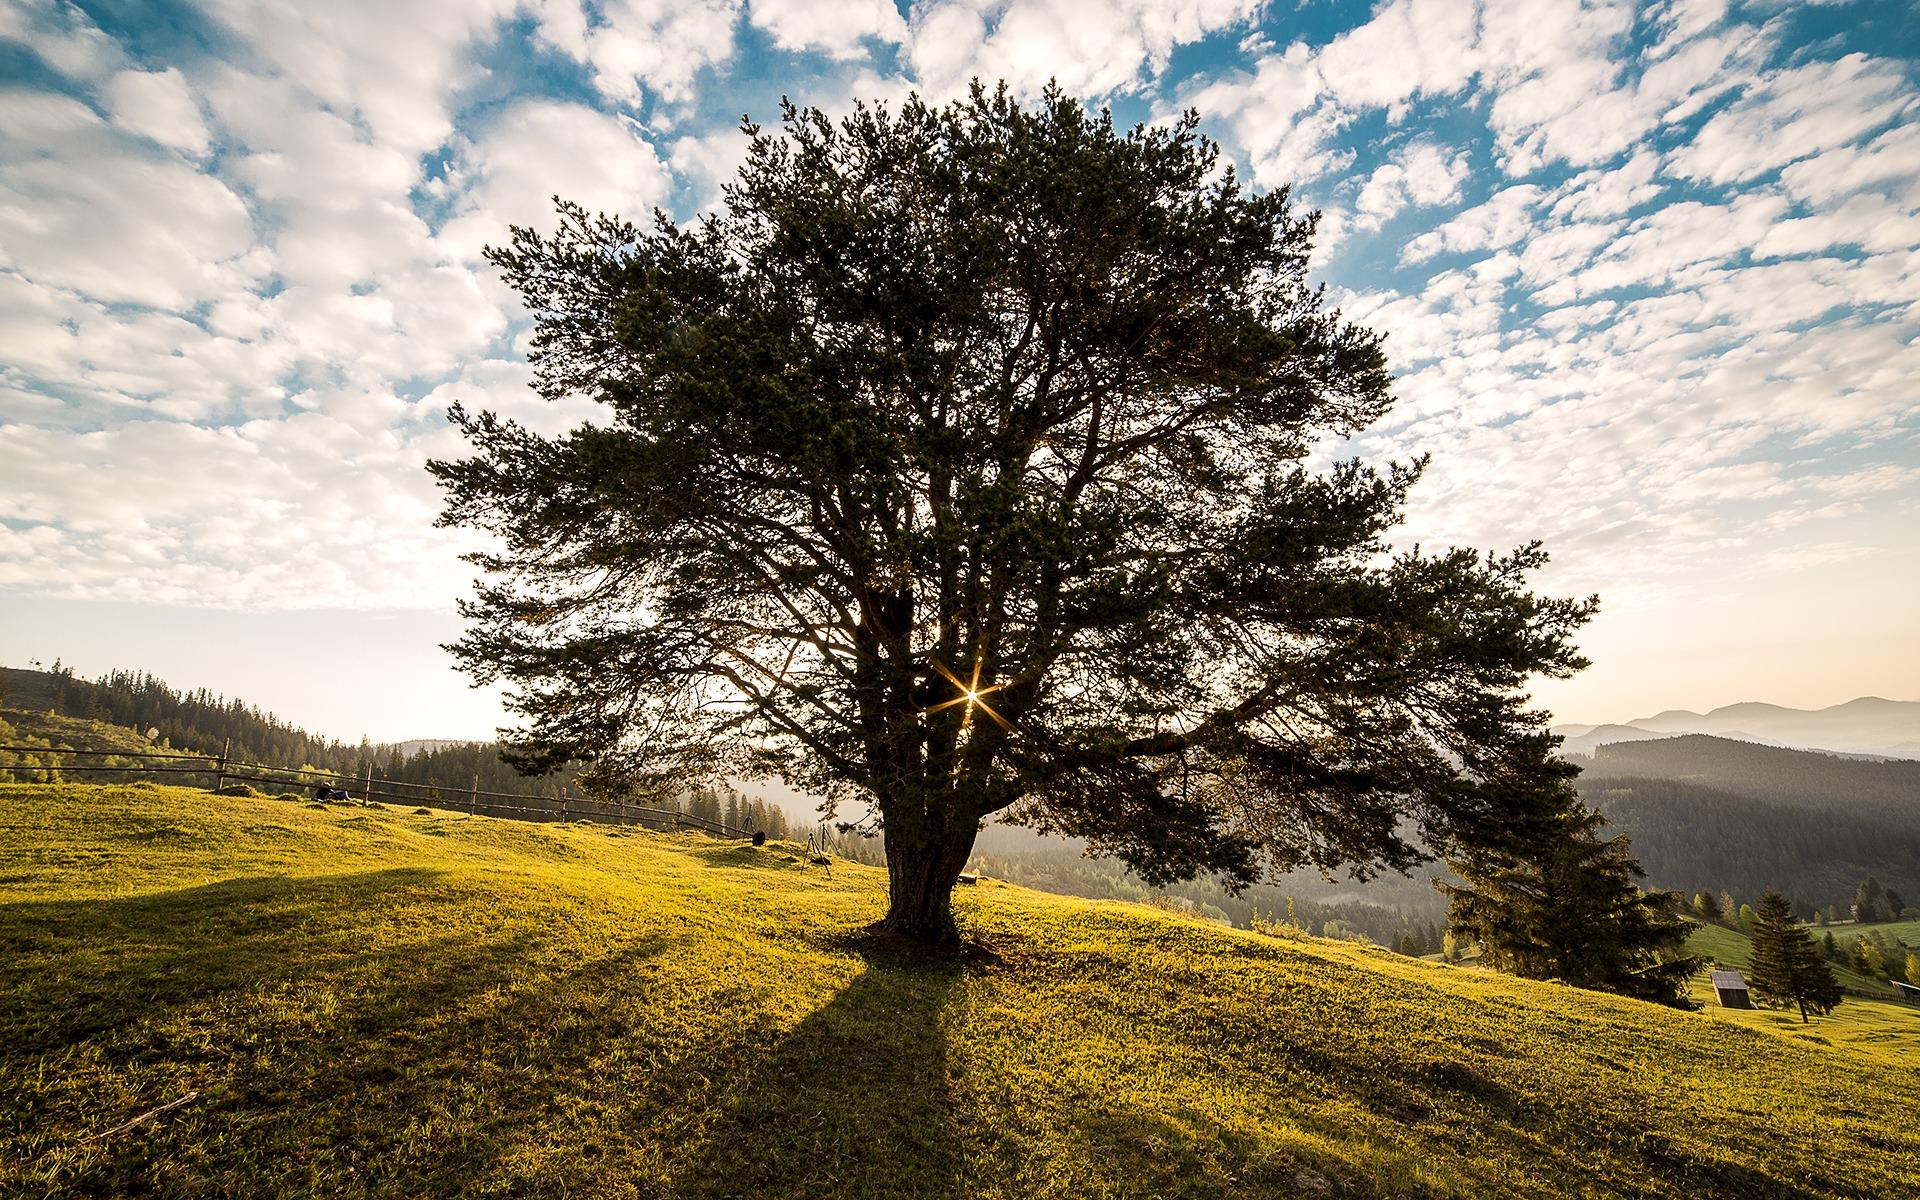 Gesucht zur Dauermiete: Grundstück (Wiese) in der Umgebung Langnau i.E. | Eggiwil